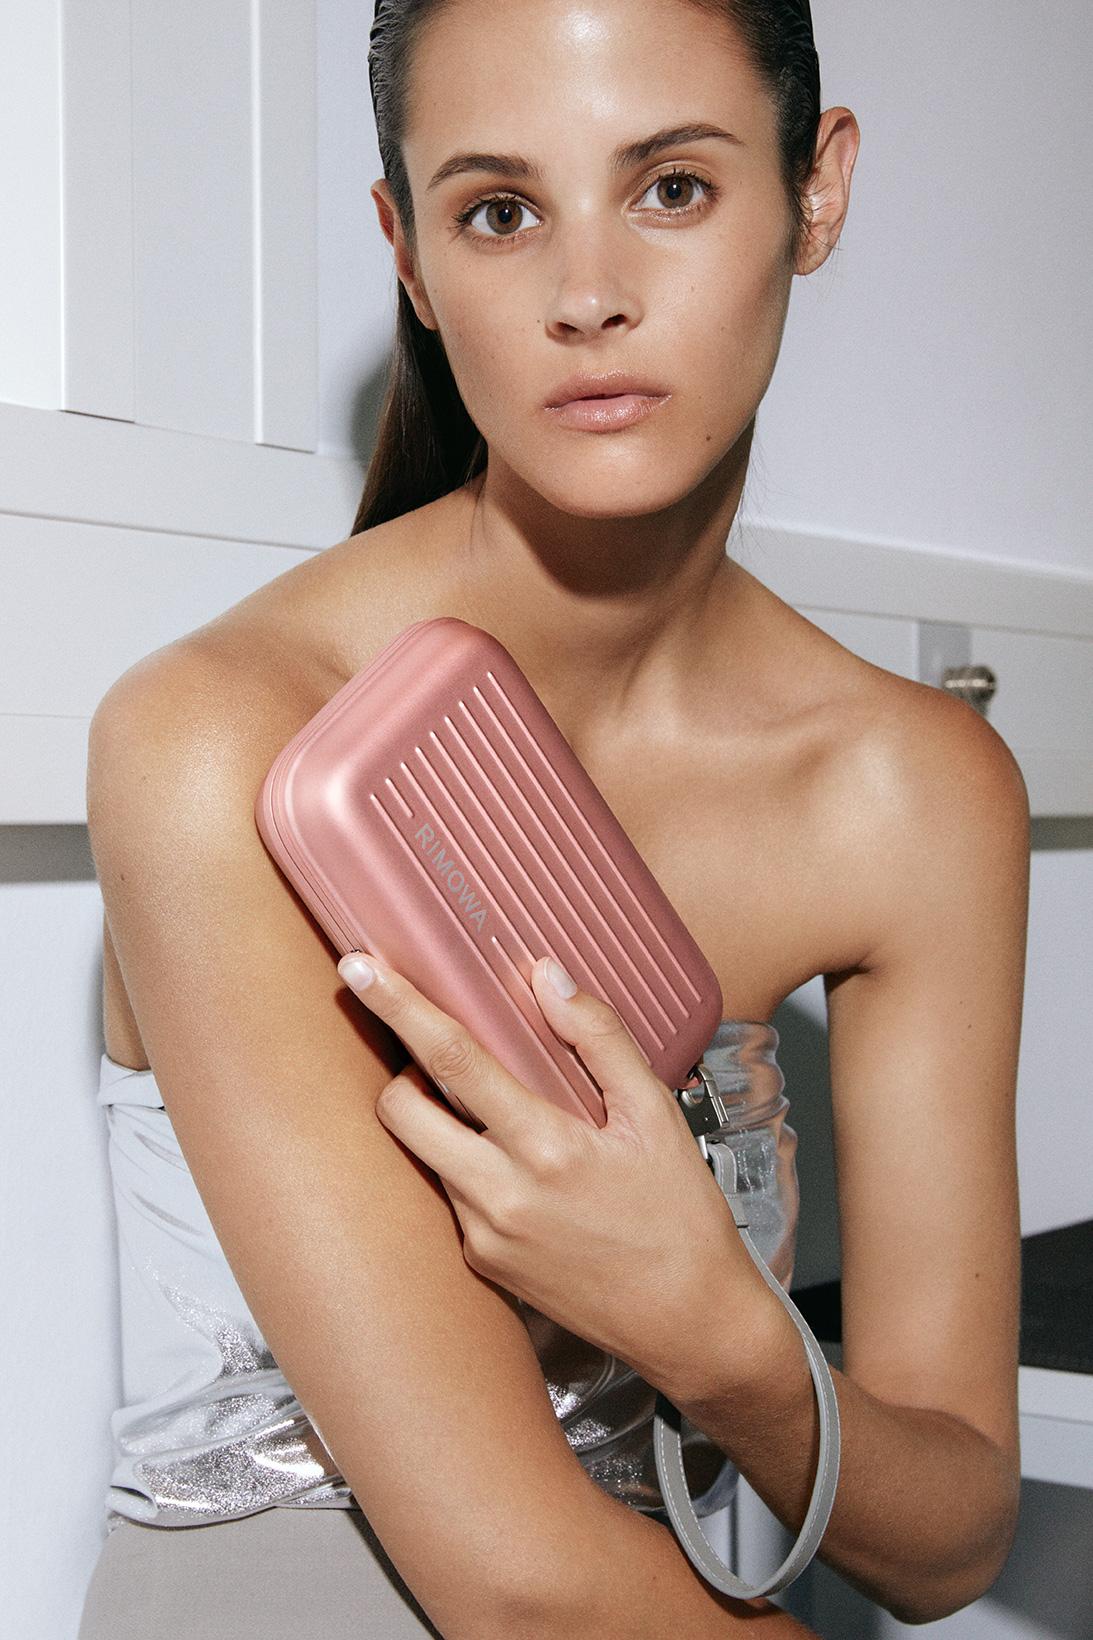 Rimowa выпустил новые унисекс-модели сумок (фото 7)